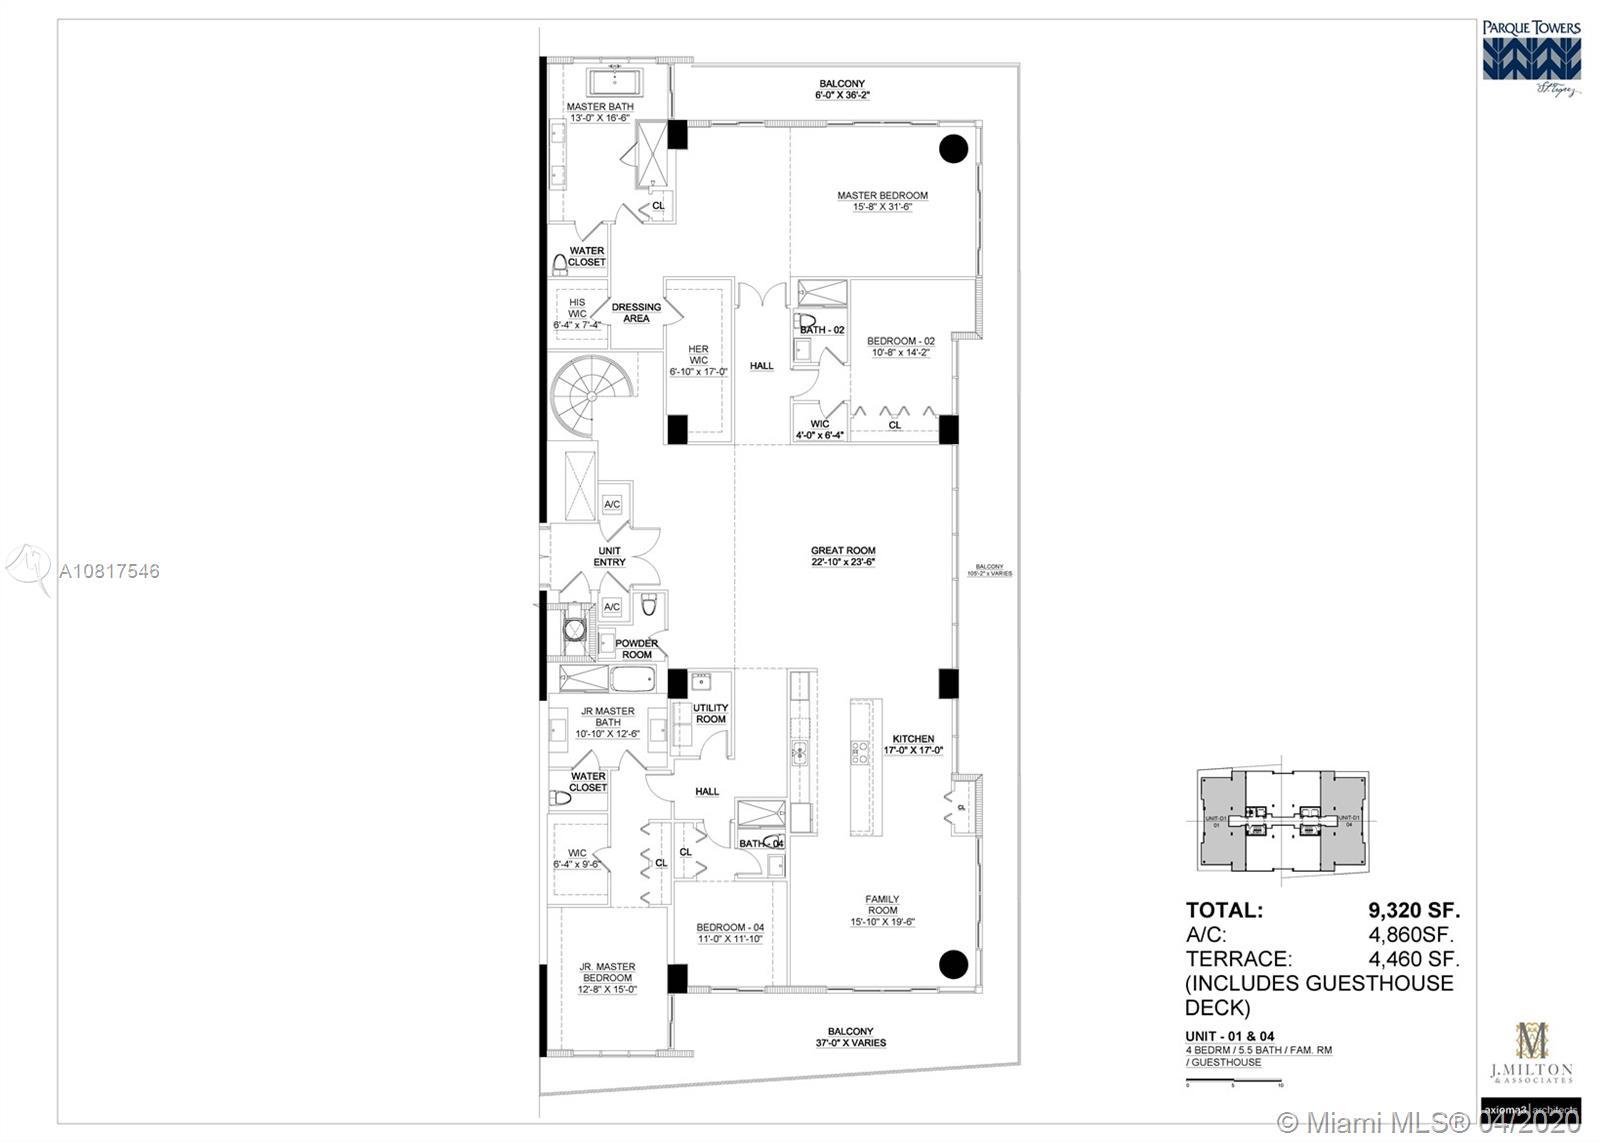 Property 300 Sunny Isles BLVD #TS1 image 55